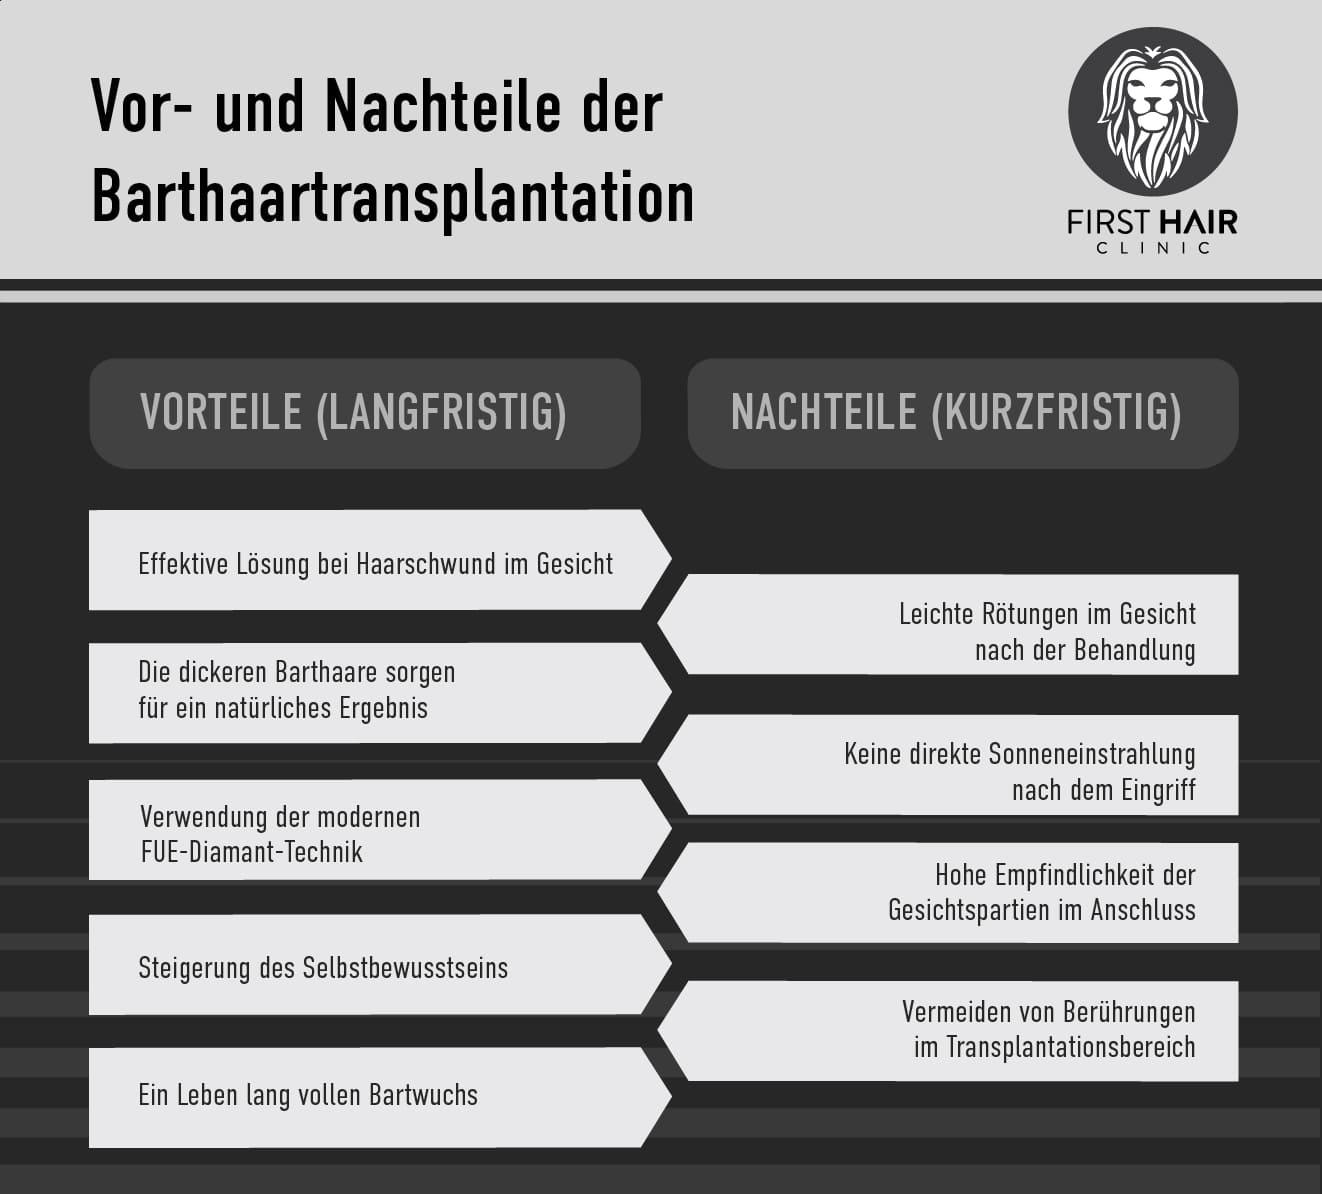 Vor-und-Nachteile-Barthaartransplantation